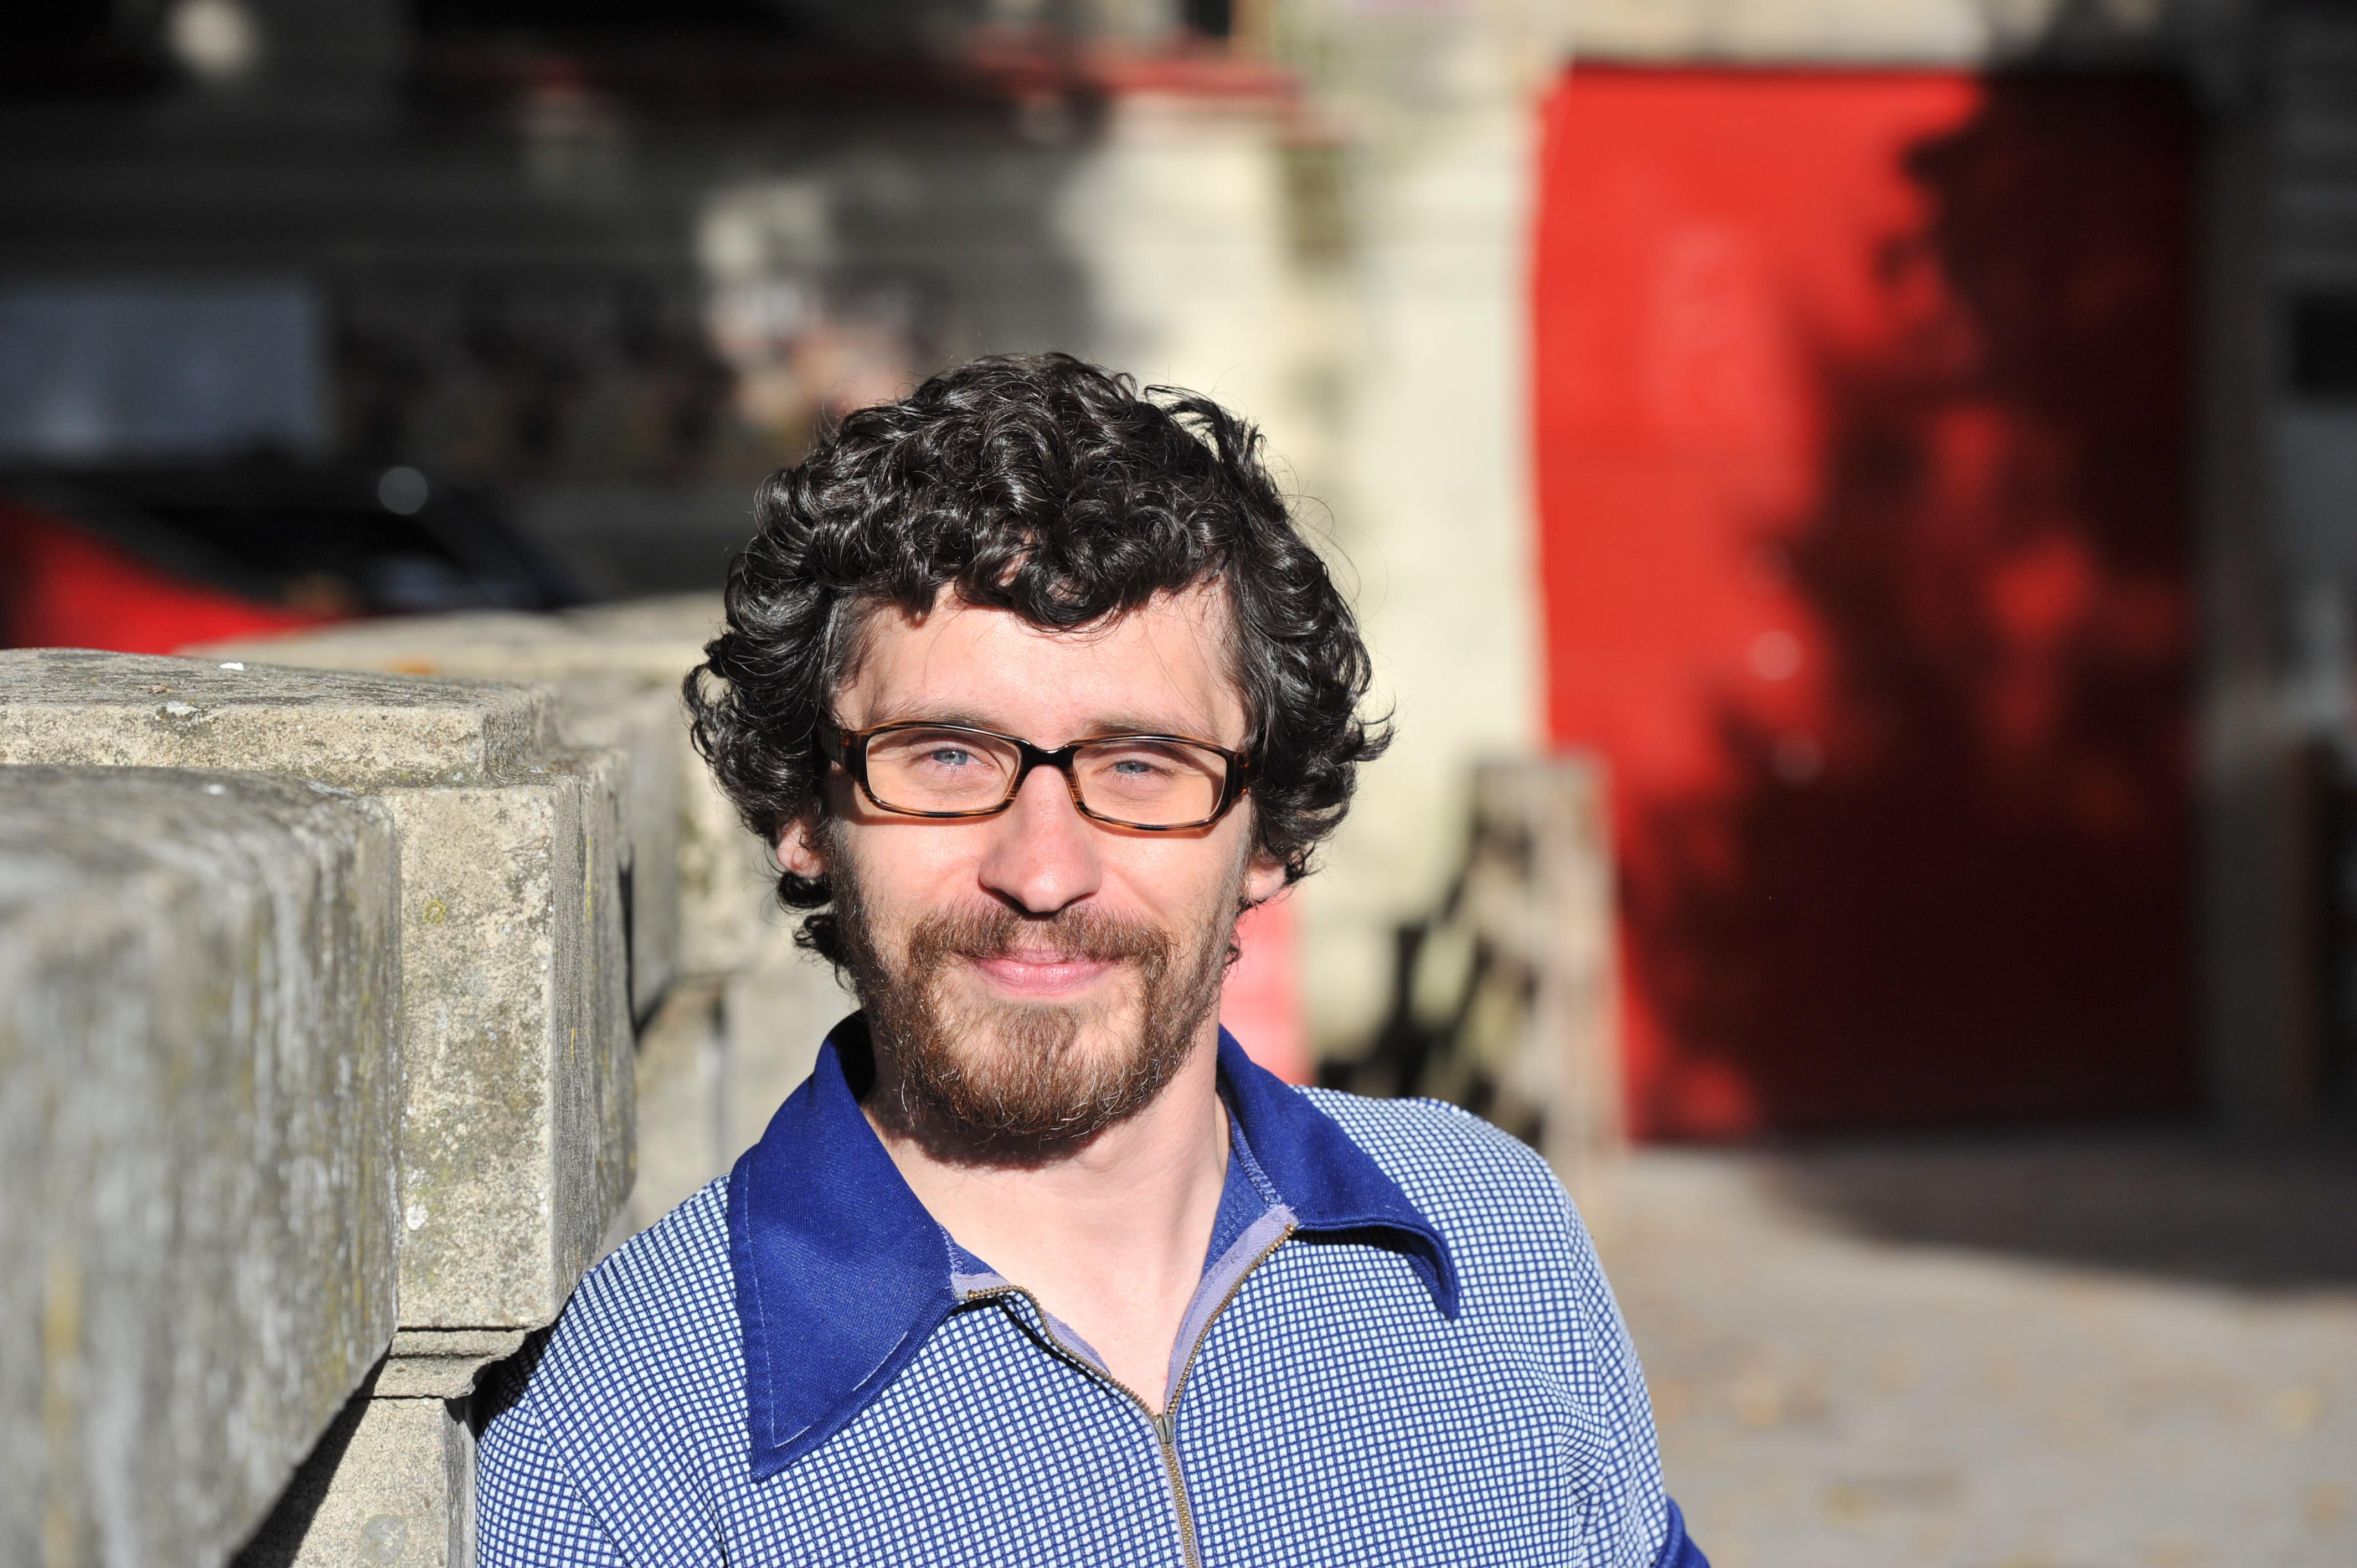 Bill Hillman en el callejón de la plaza de toros de Pamplona. Cerca de donde sufrió la cornada. Foto Mikel Ciaurriz